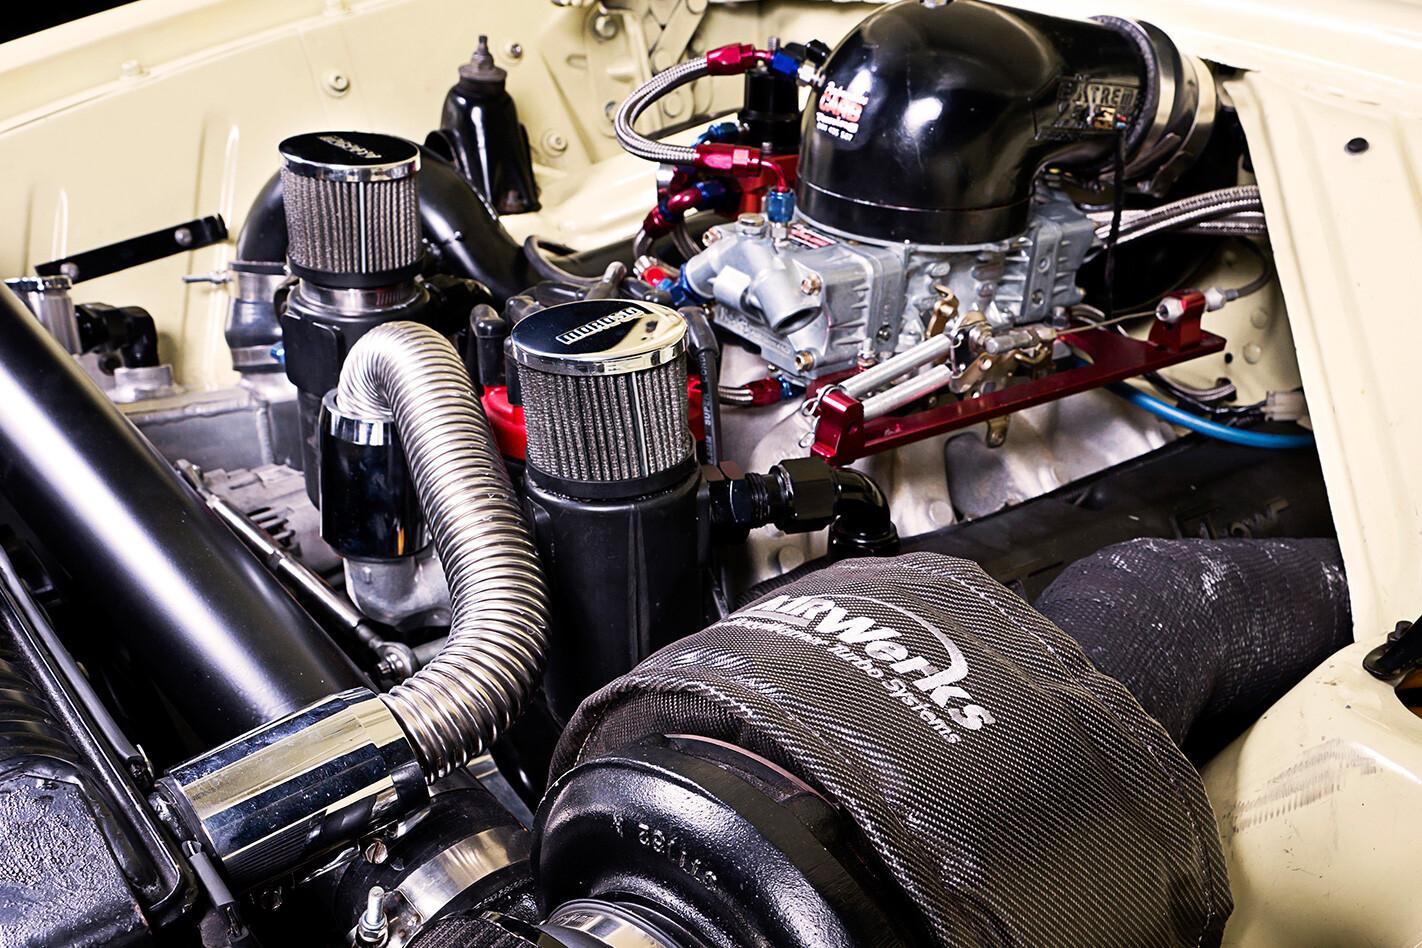 1963 FORD XL FUTURA engine